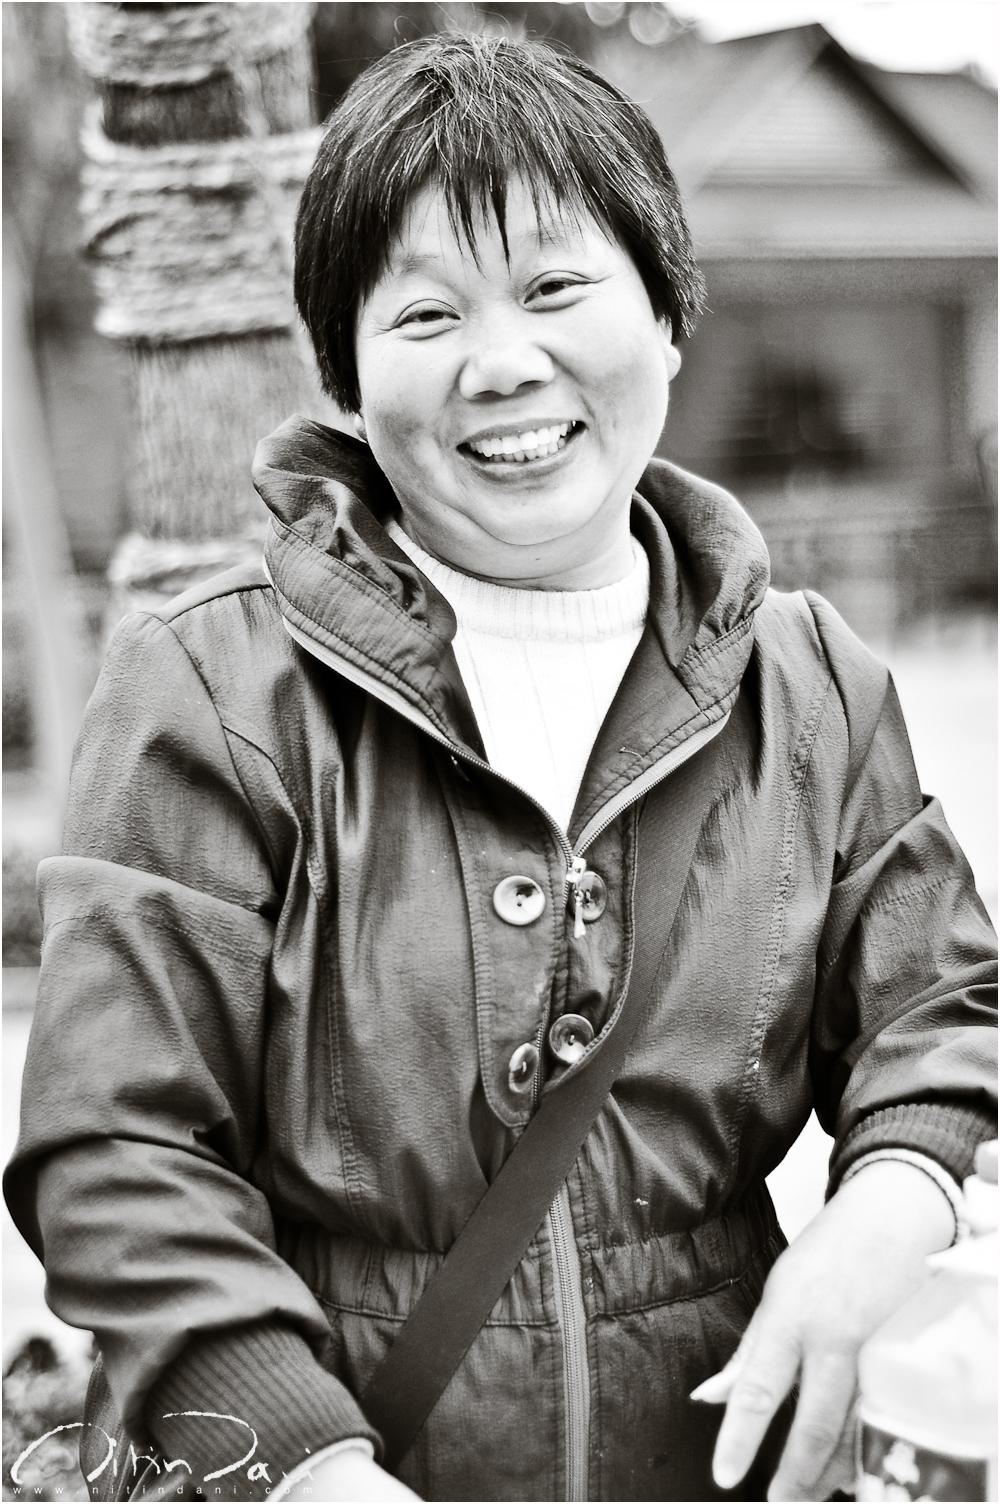 Chongming Smile